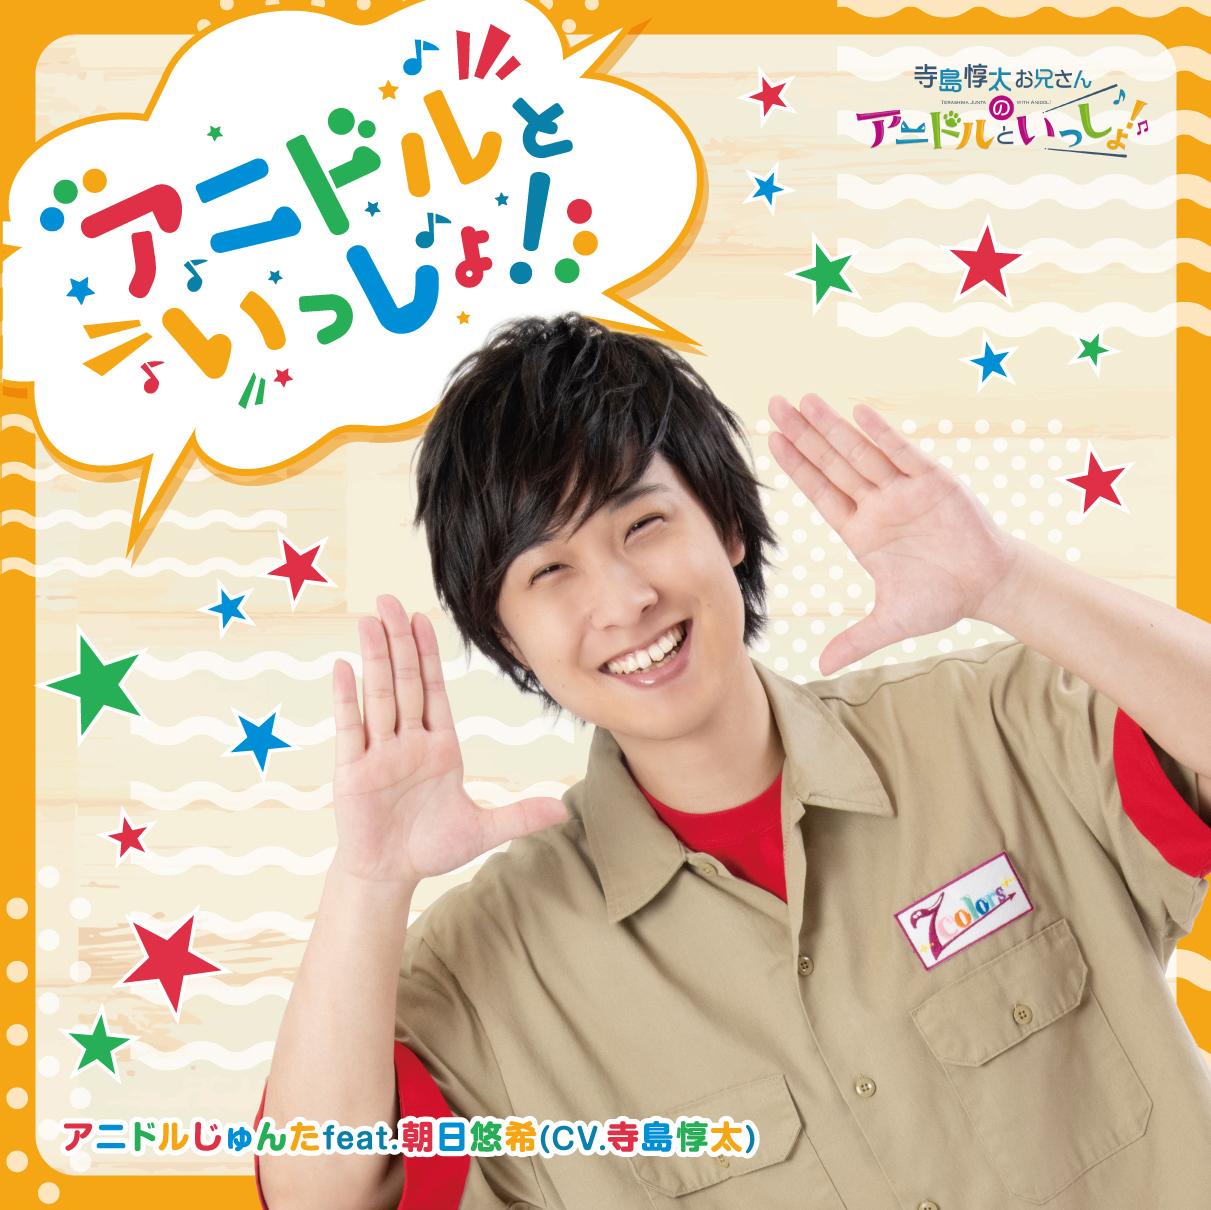 寺島惇太お兄さんのアニドルといっしょ!体操曲CD「アニドルといっしょ!」ジャケット (C)アニドルといっしょ!